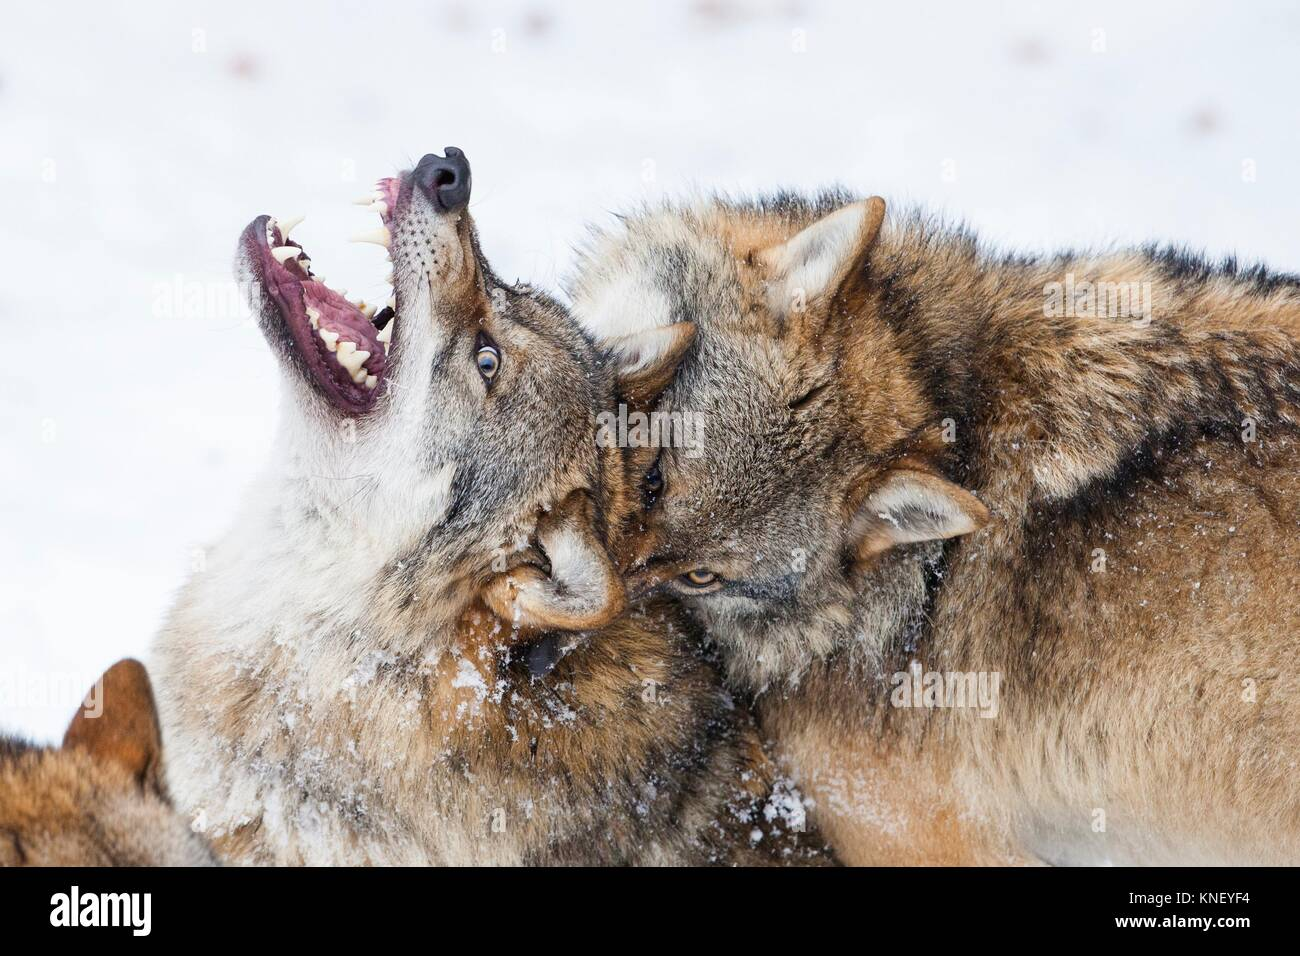 Deux loups (Canis lupus) combats, Parc National de la forêt bavaroise, en Allemagne. Banque D'Images